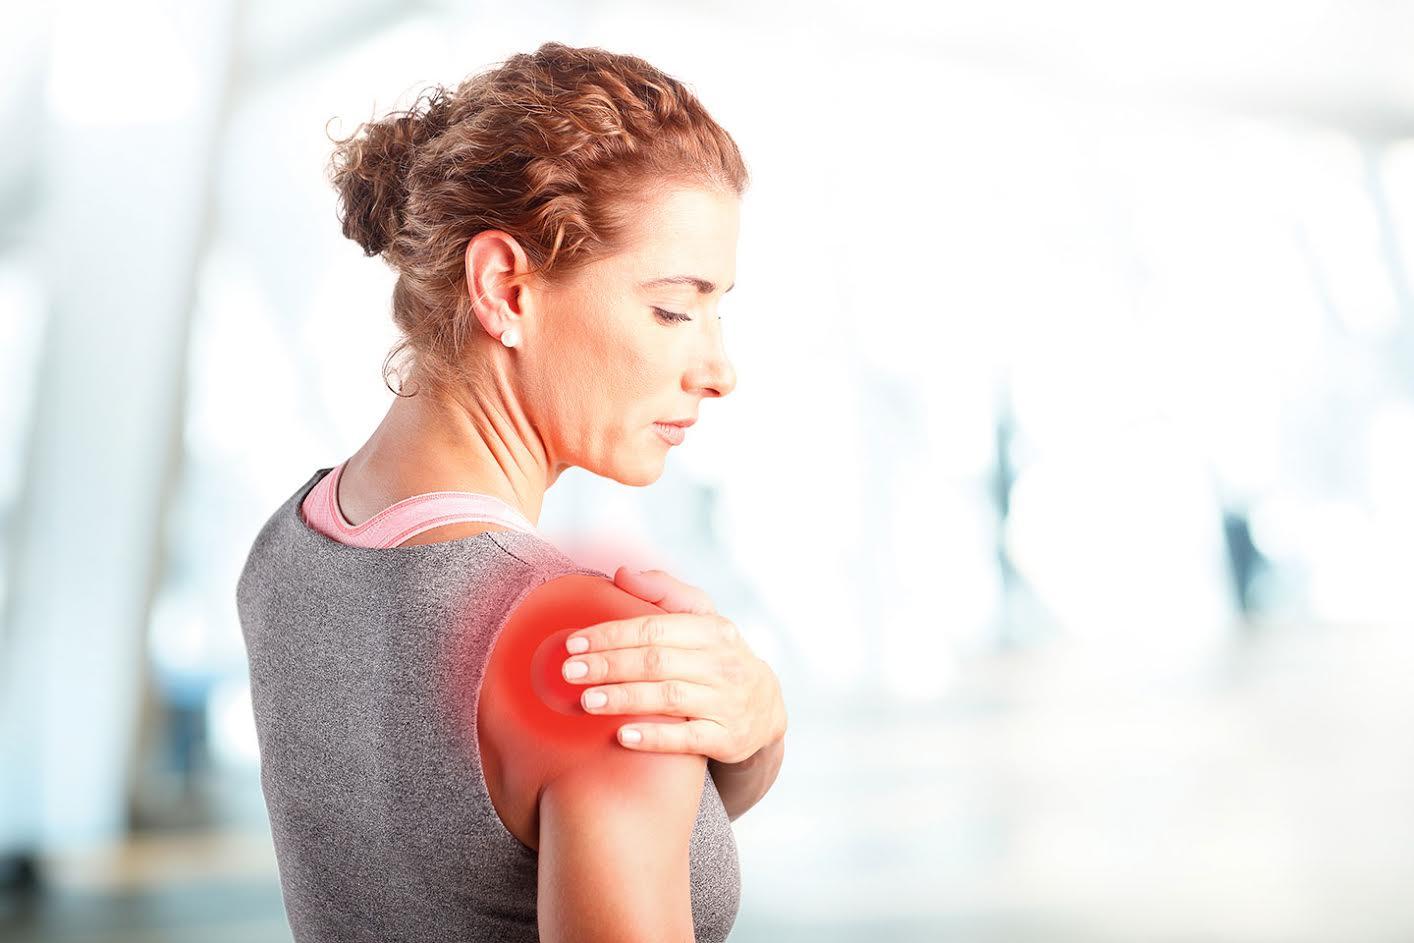 Как избавиться от боли в плечевом суставе после занятий фитнесом?